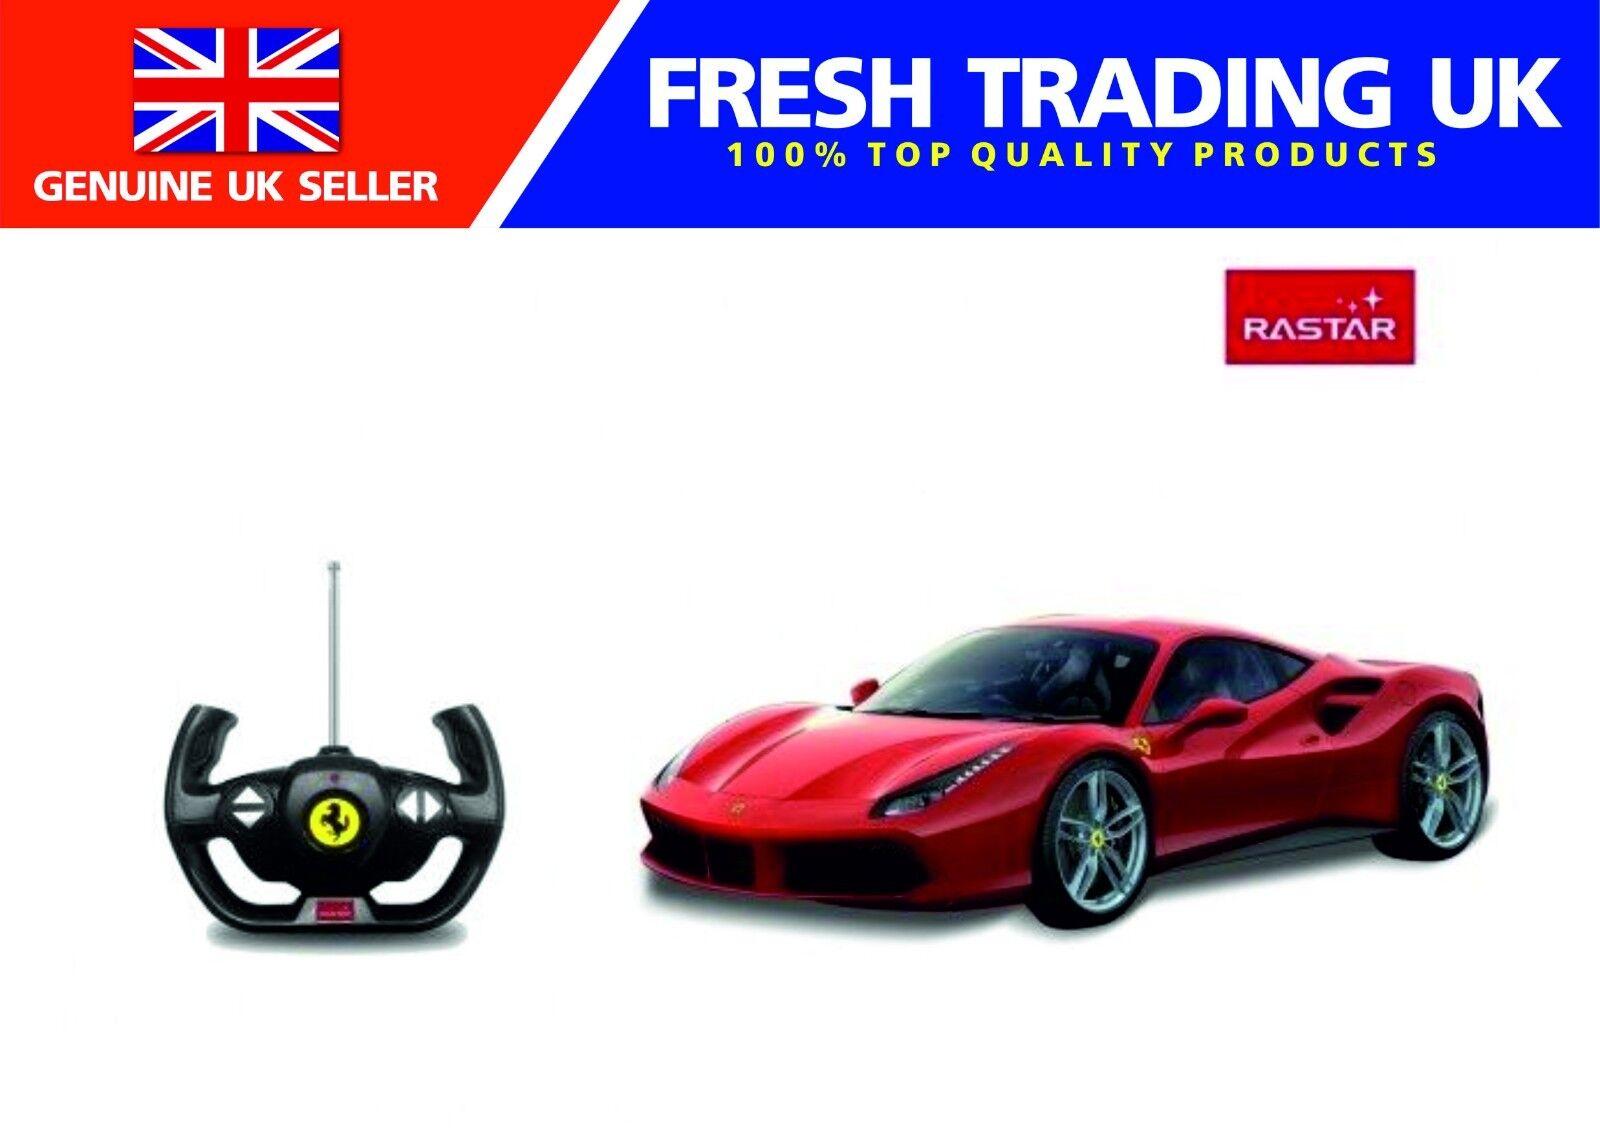 Rastar Radio Remote Control 1 14 Scale Ferrari 488GTB Licensed RC Car - Red